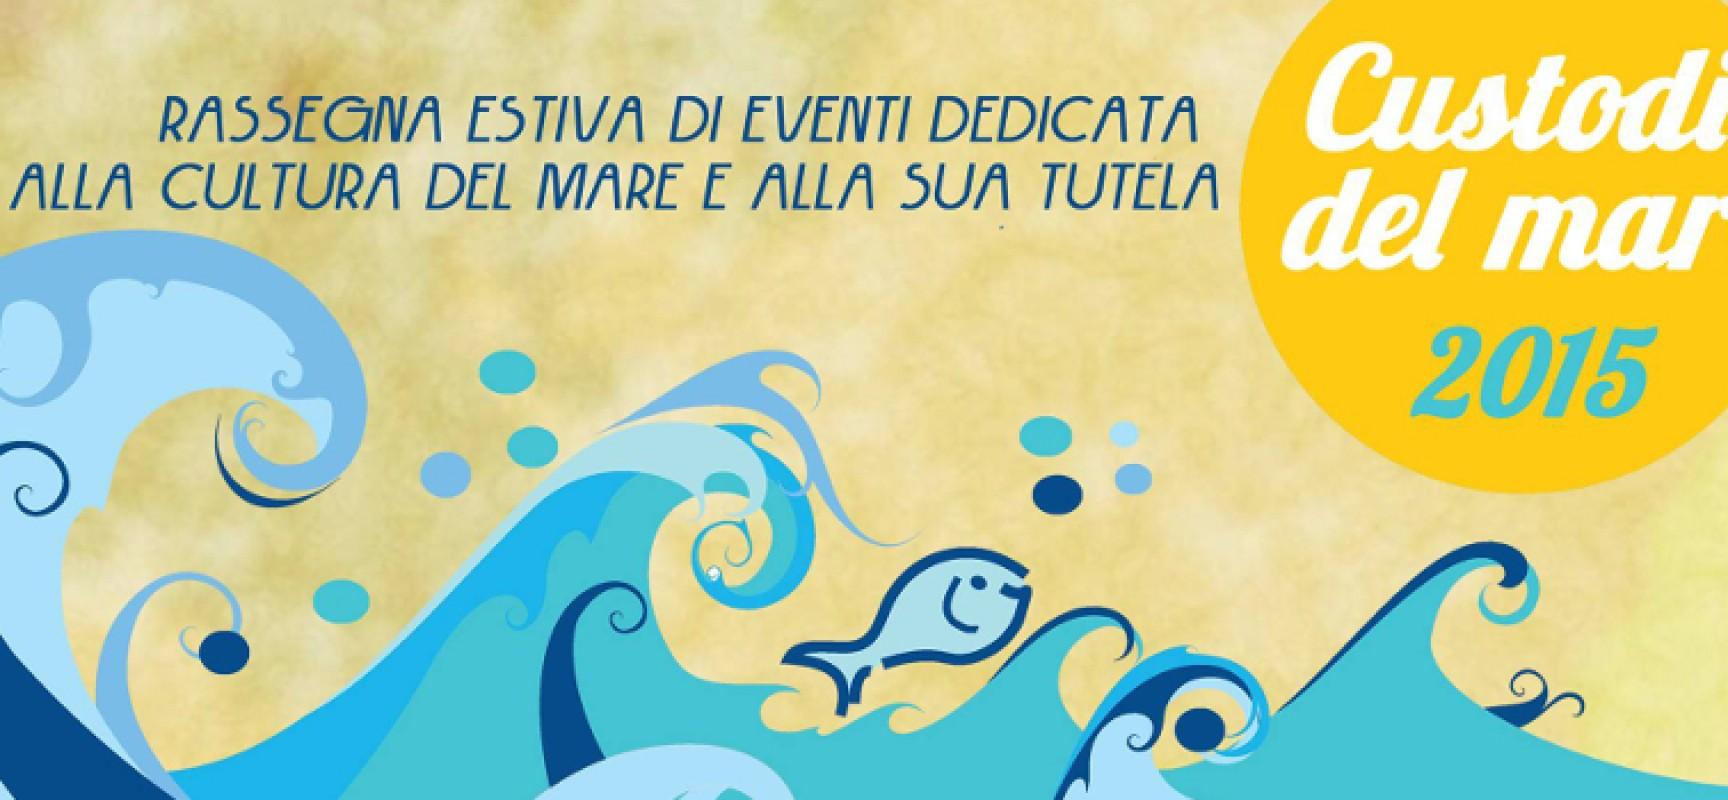 """Si rinnova la rassegna annuale """"Custodi del mare"""" a cura di ZonaEffe / PROGRAMMA"""